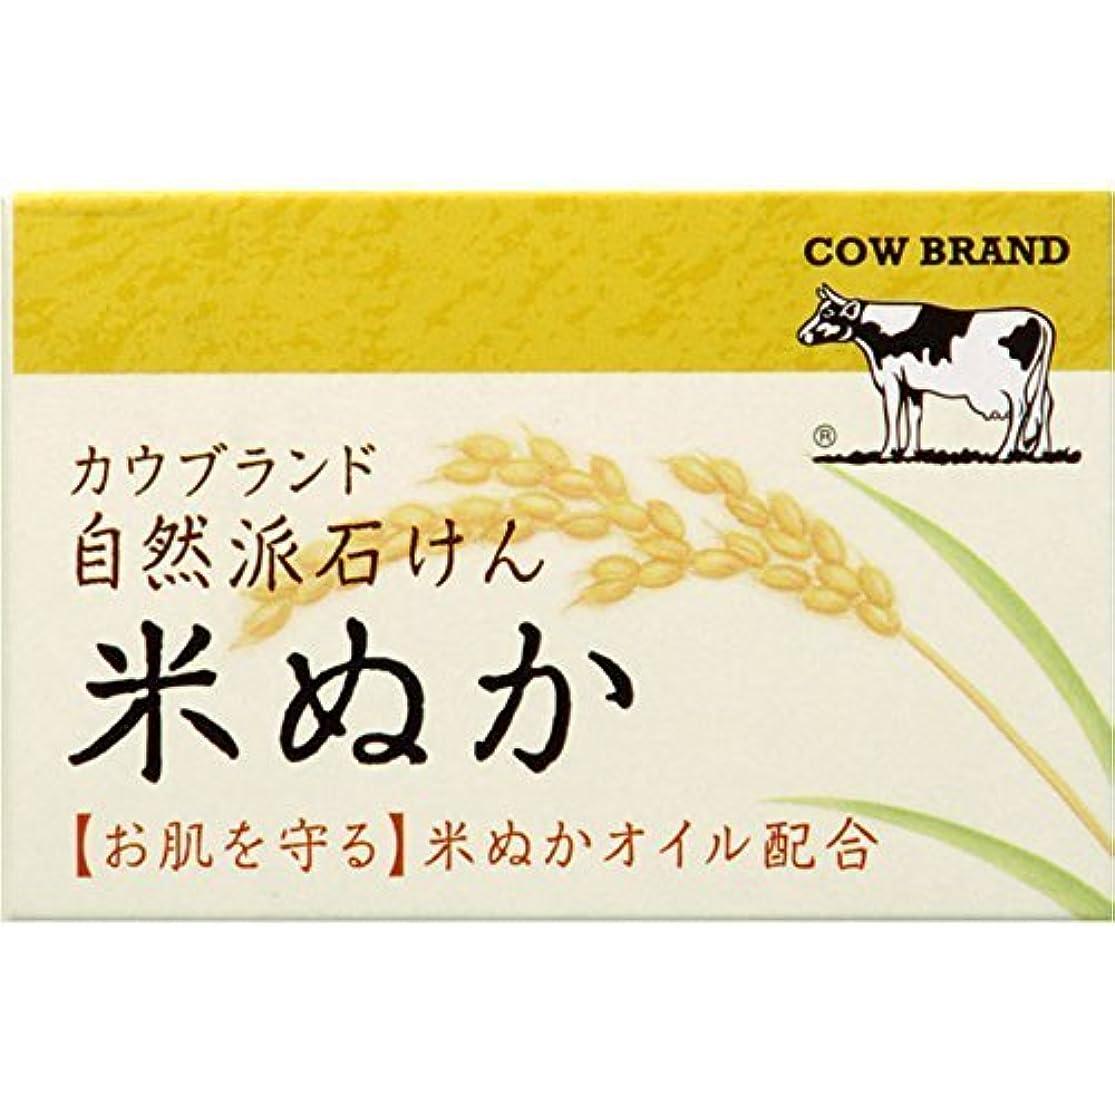 大事にするのホスト振るカウブランド 自然派石けん 米ぬか 100g